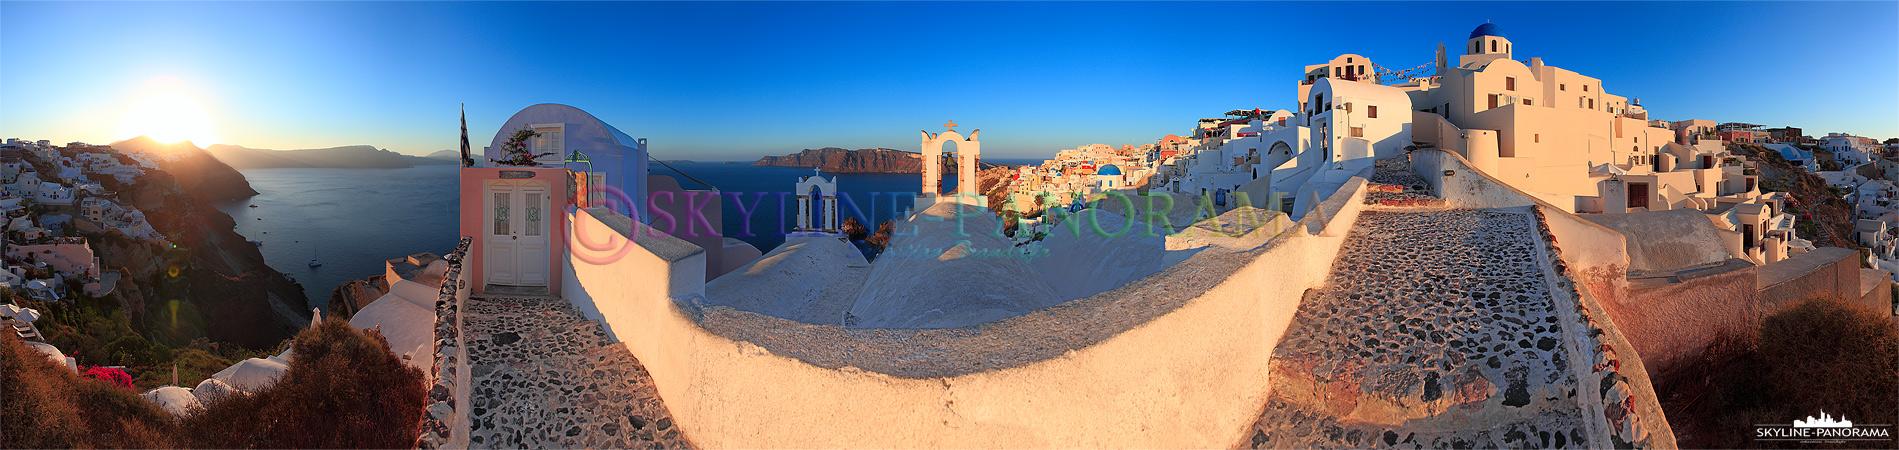 Das Panorama entstand nach dem die ersten Sonnenstrahlen des Tages auf die Hänge von Oia gefallen sind. Zu dieser Zeit herrscht eine unbeschreibliche Stille...